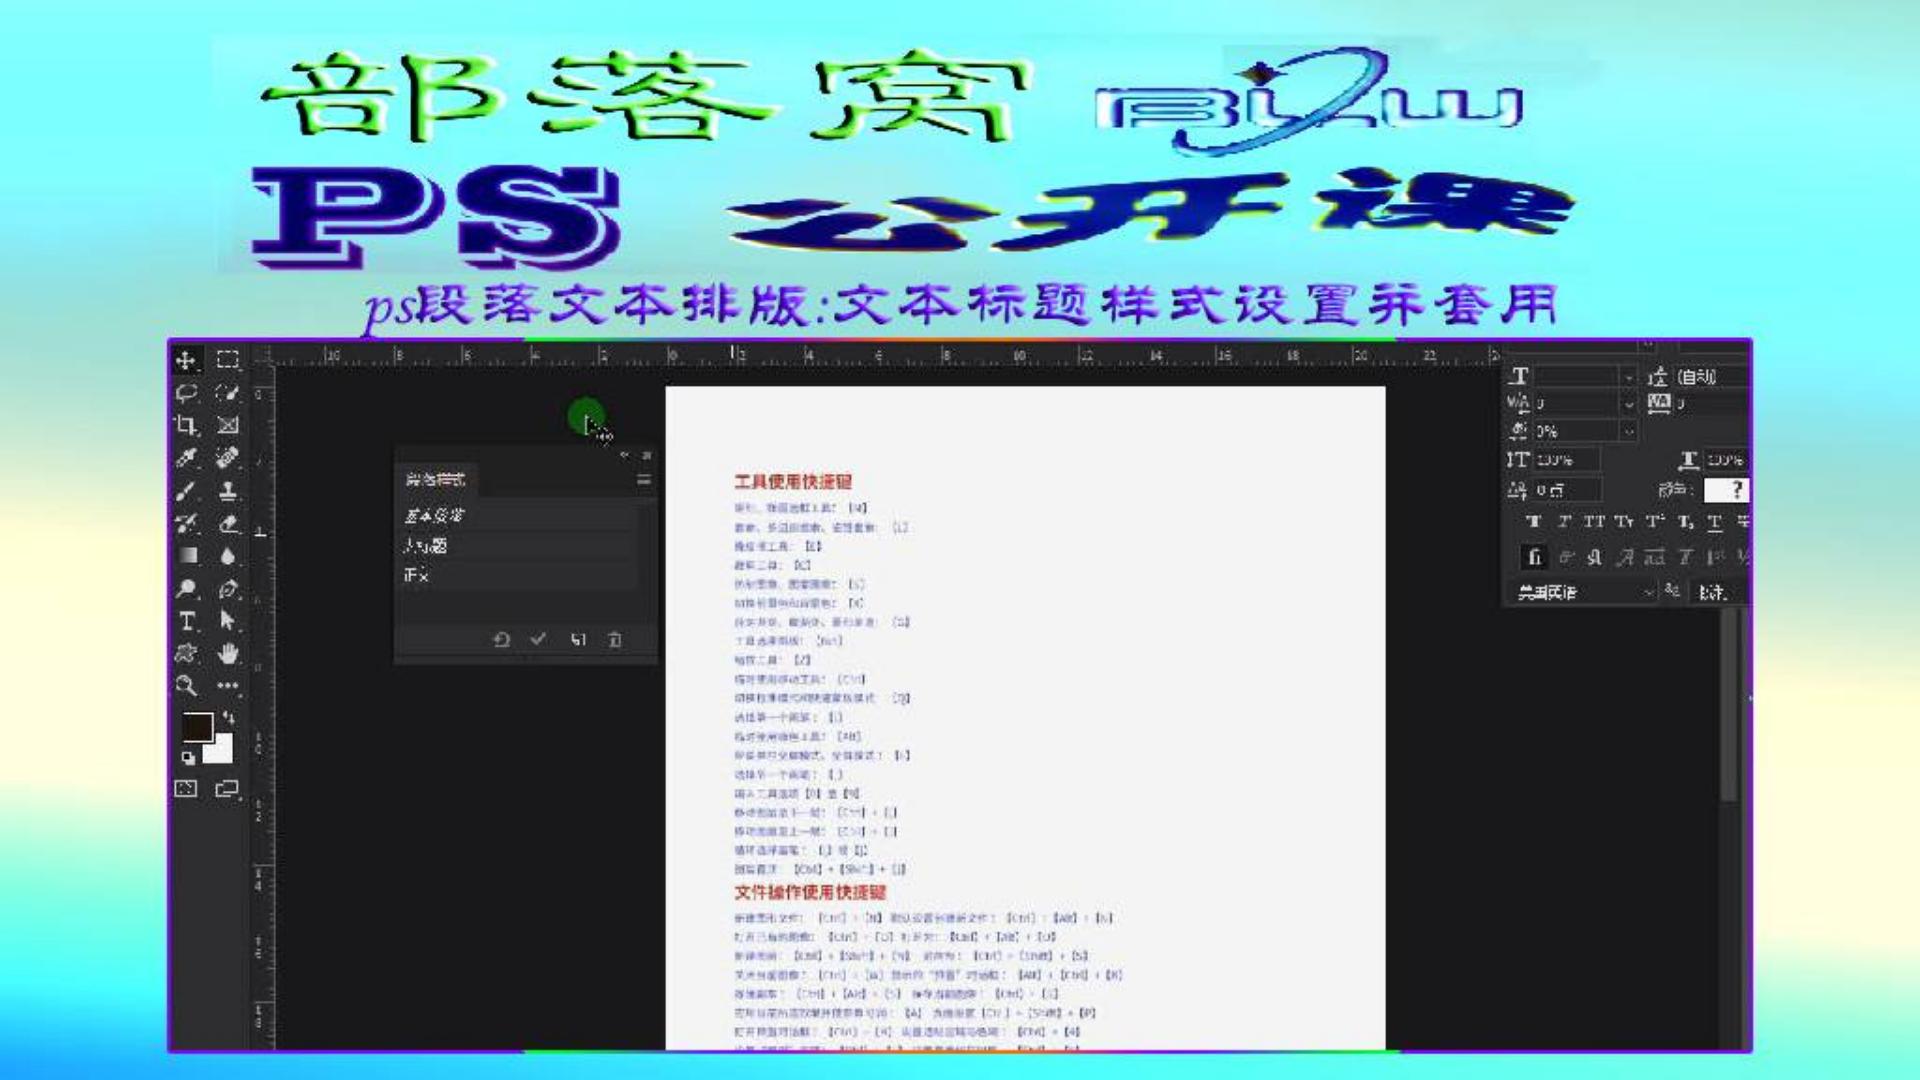 ps段落文本排版视频:文本标题样式设置并套用